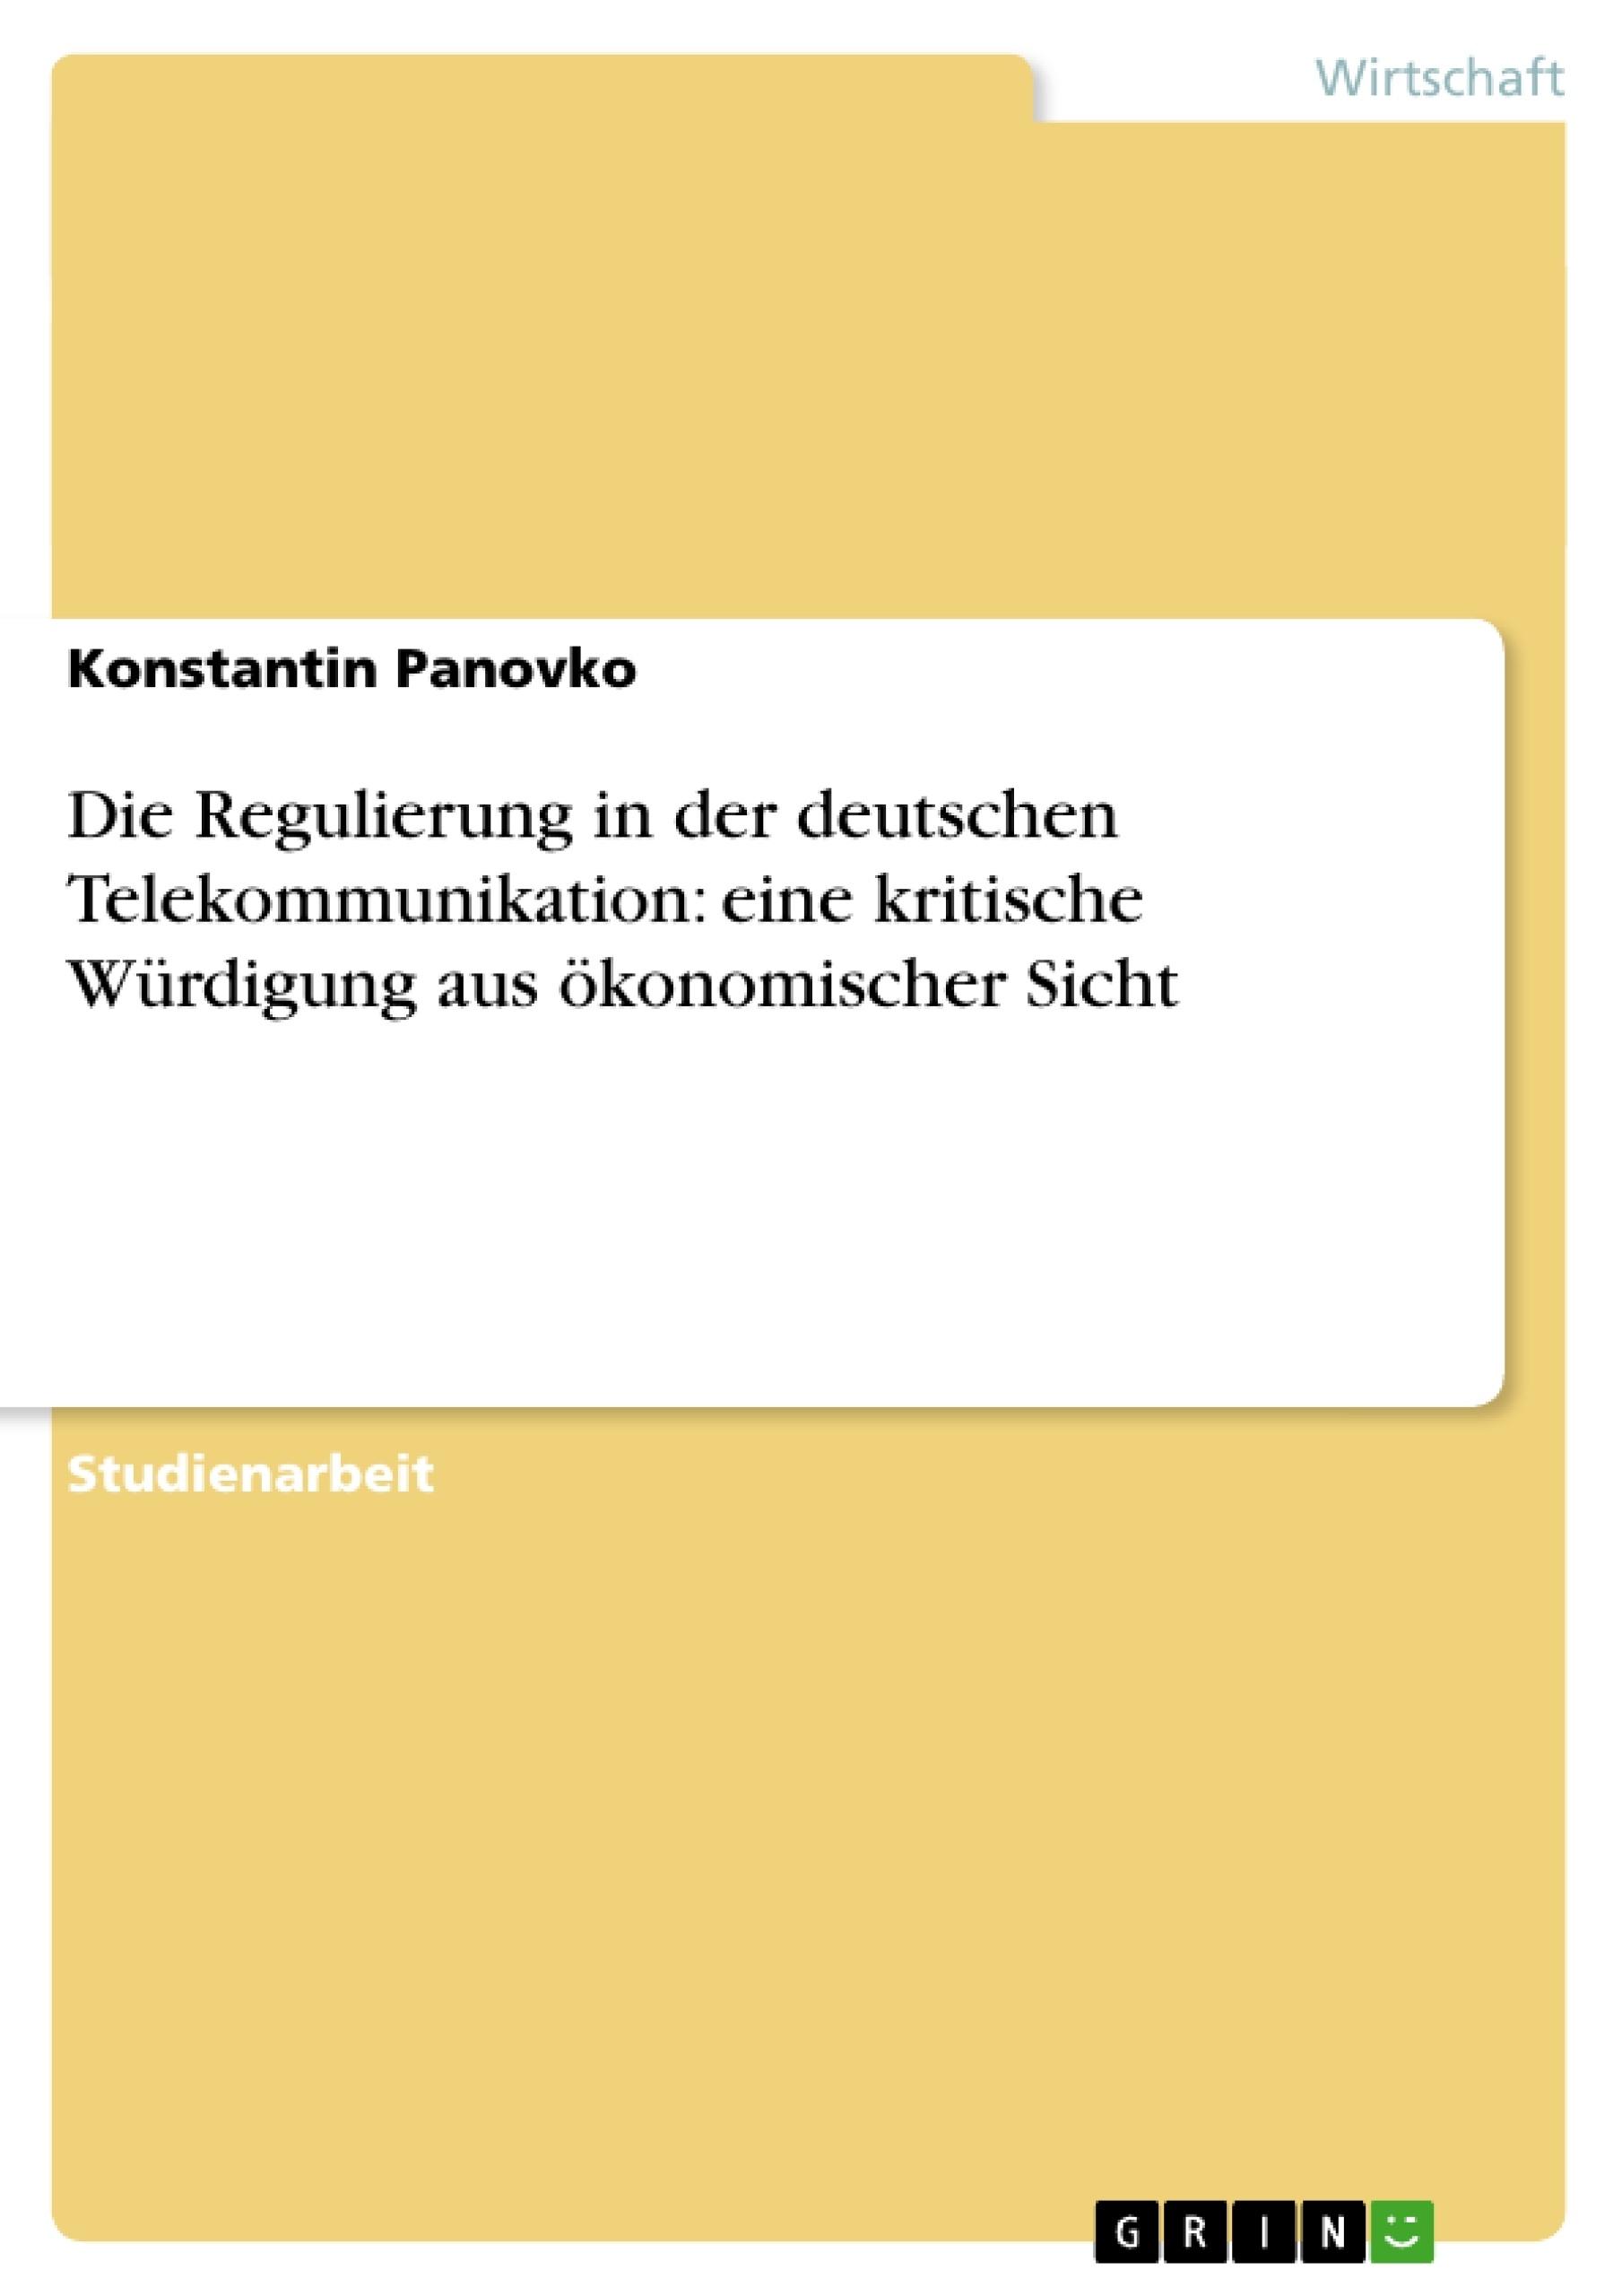 Titel: Die Regulierung in der deutschen Telekommunikation: eine kritische Würdigung aus ökonomischer Sicht